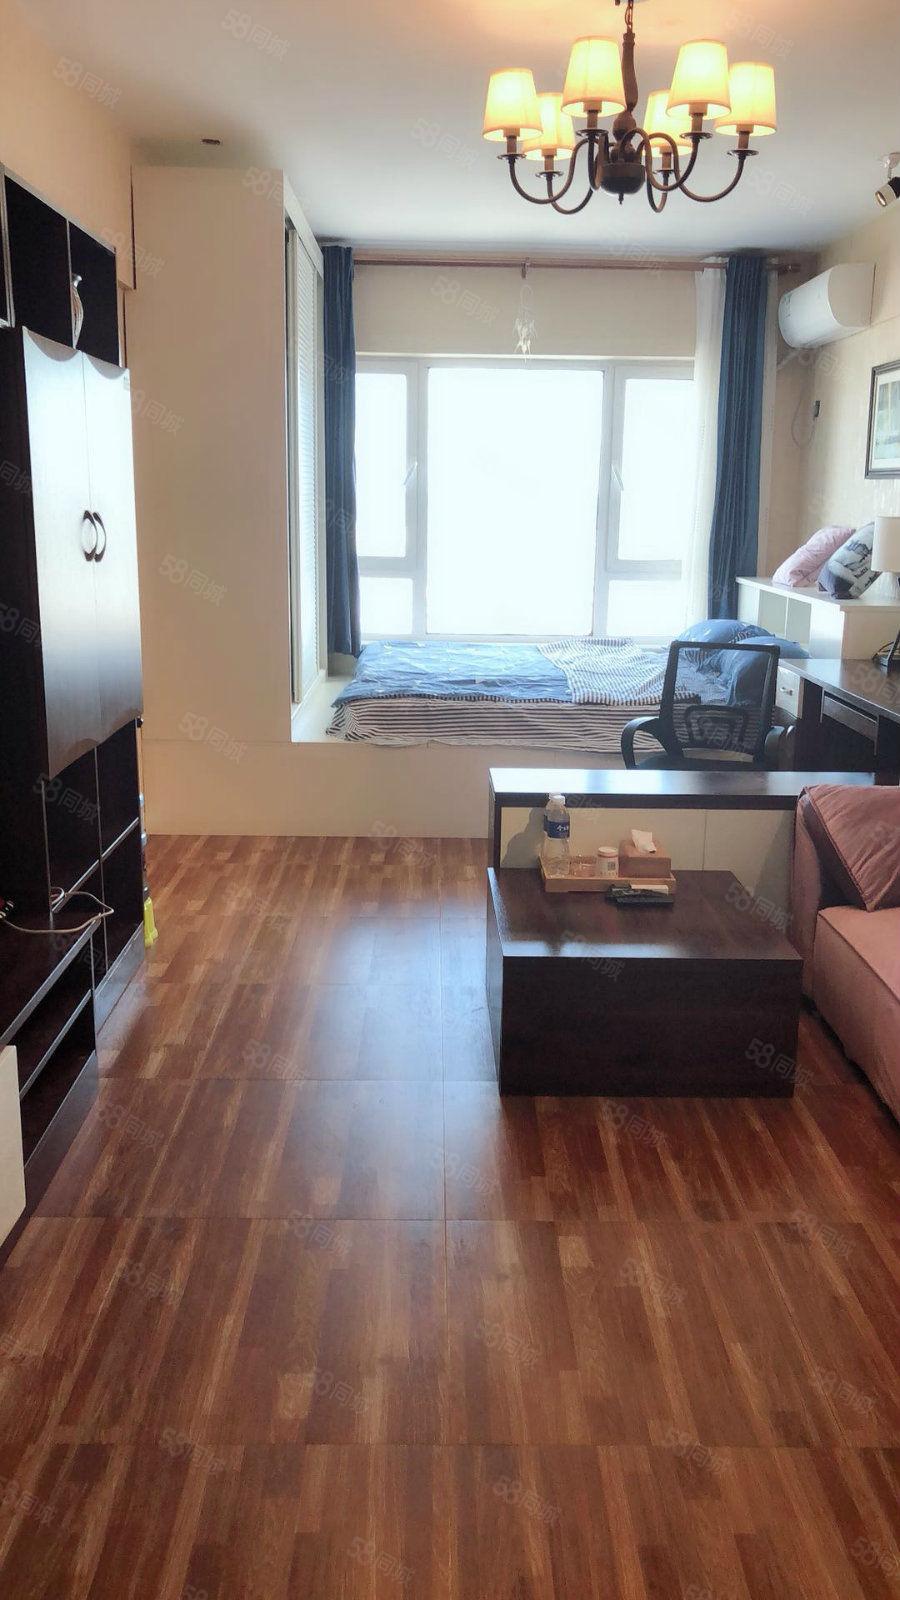 我这个是公寓精装的房屋是开间你看了肯定喜欢